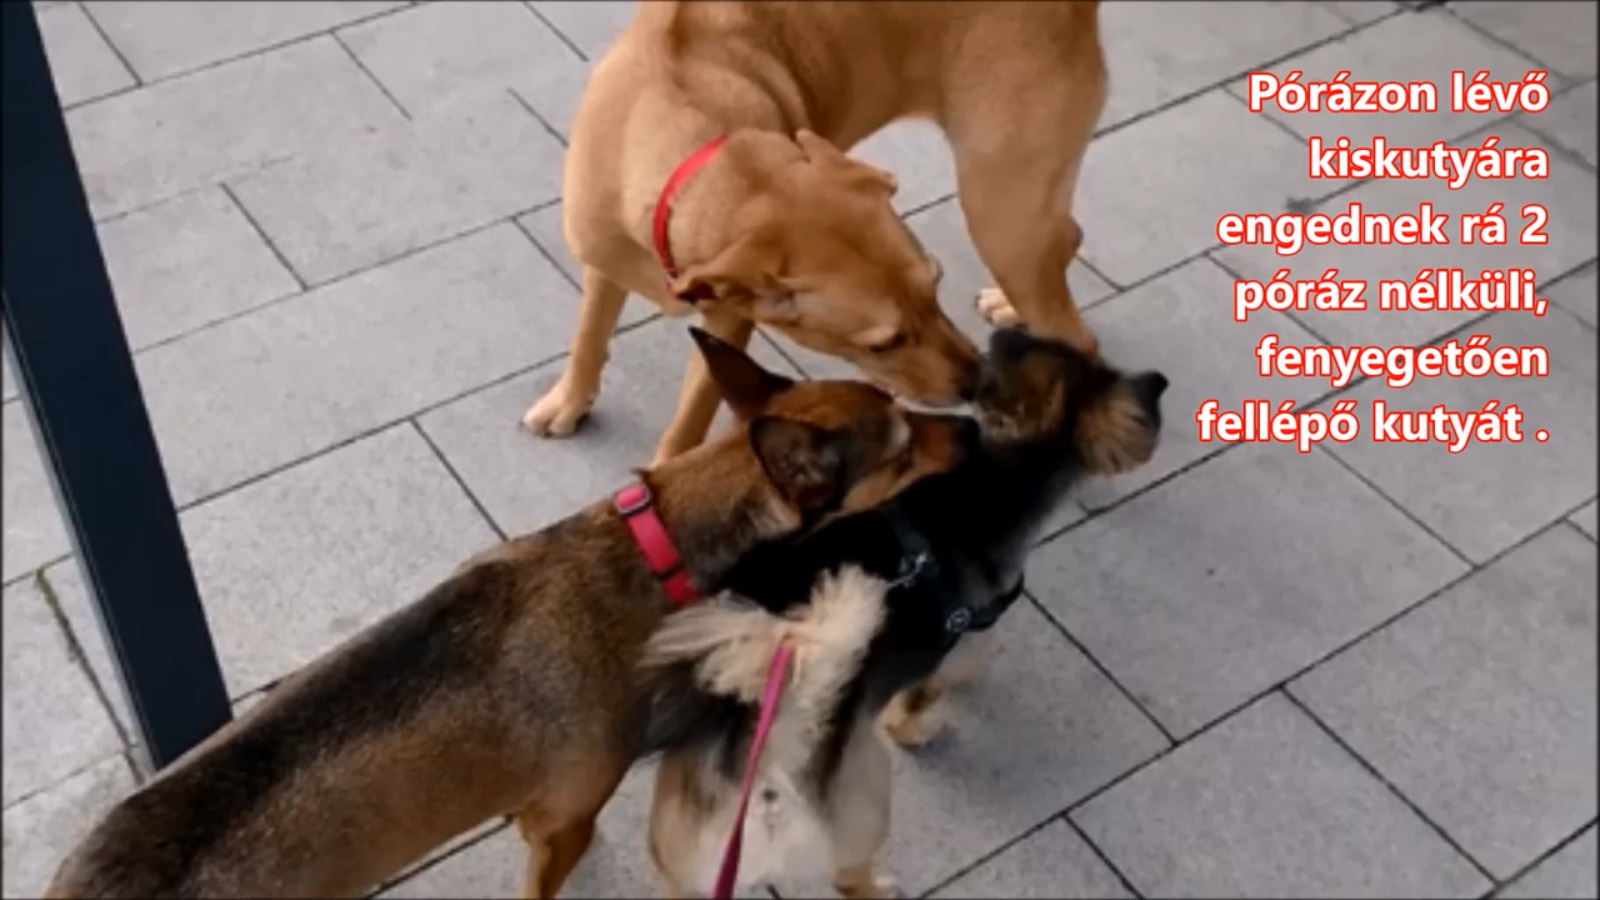 A túlerőben lévő két kutya közrefogja a kicsit. Borzolnak, testük befeszül, fejüket a kicsi teste fölé helyezik. A gazdának ilyenkor vissza kéne hívnia a kutyáit.